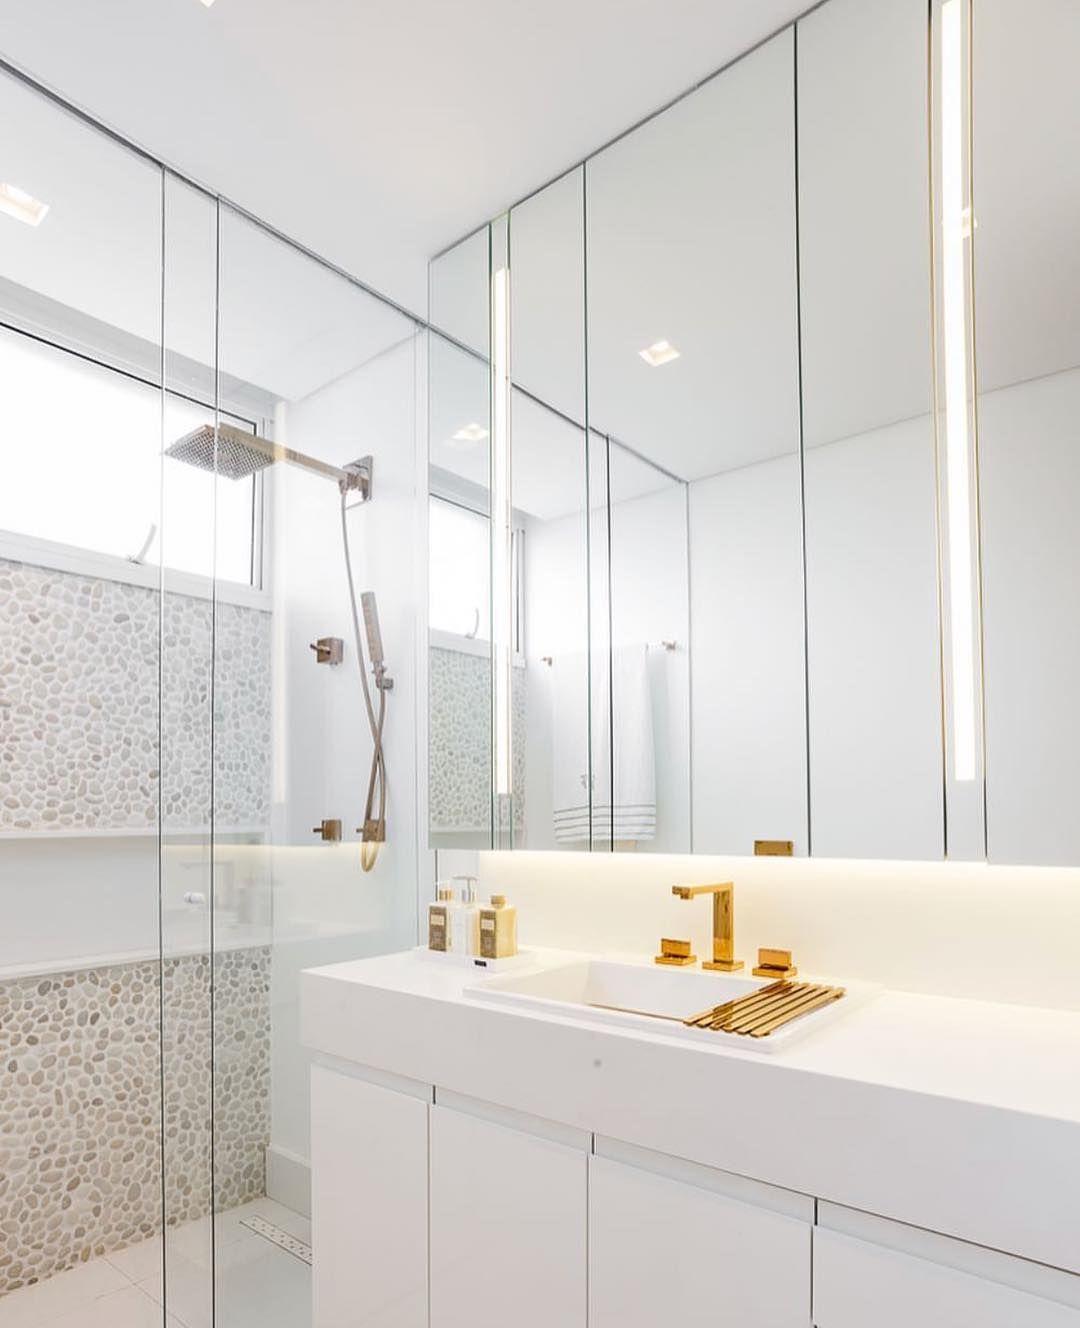 Espelho Luz Direta Projeto Do Banheiro Banheiro Limpeza De